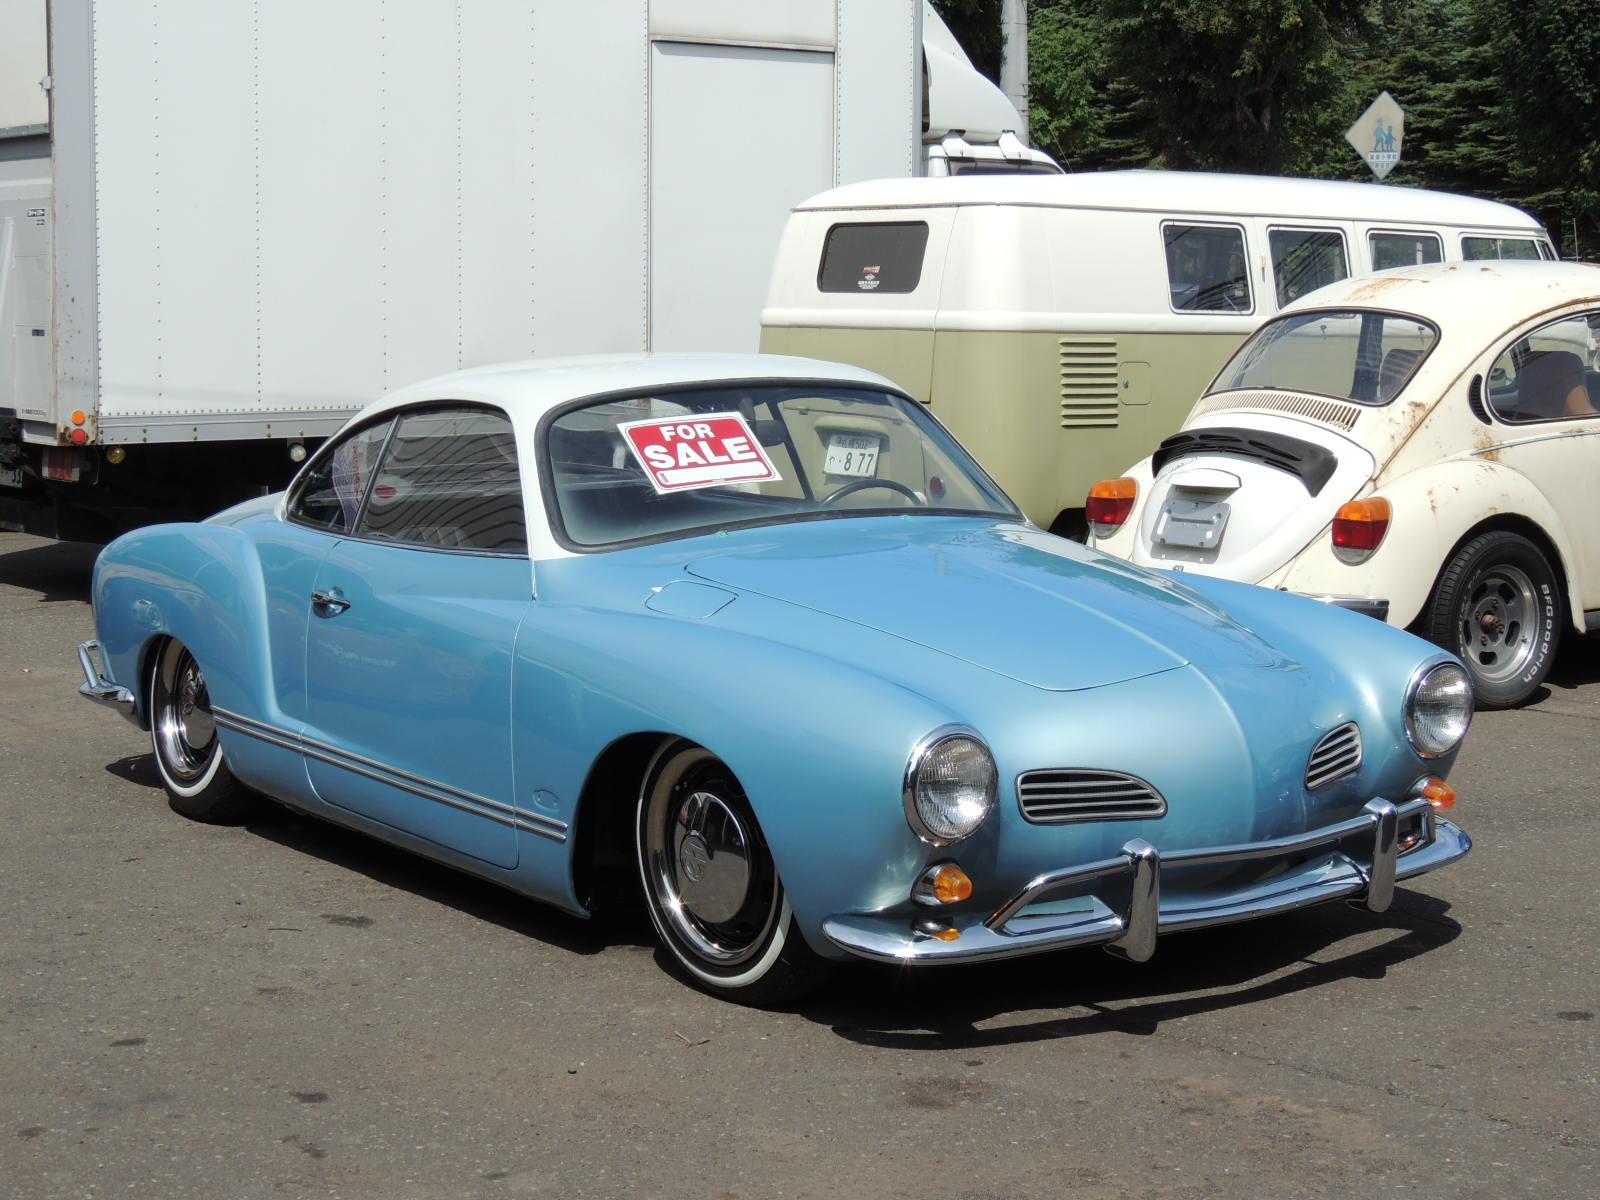 All About Cars >> カルマンギア « 札幌の空冷VWショップ Merry Makerr(メリーメーカー)